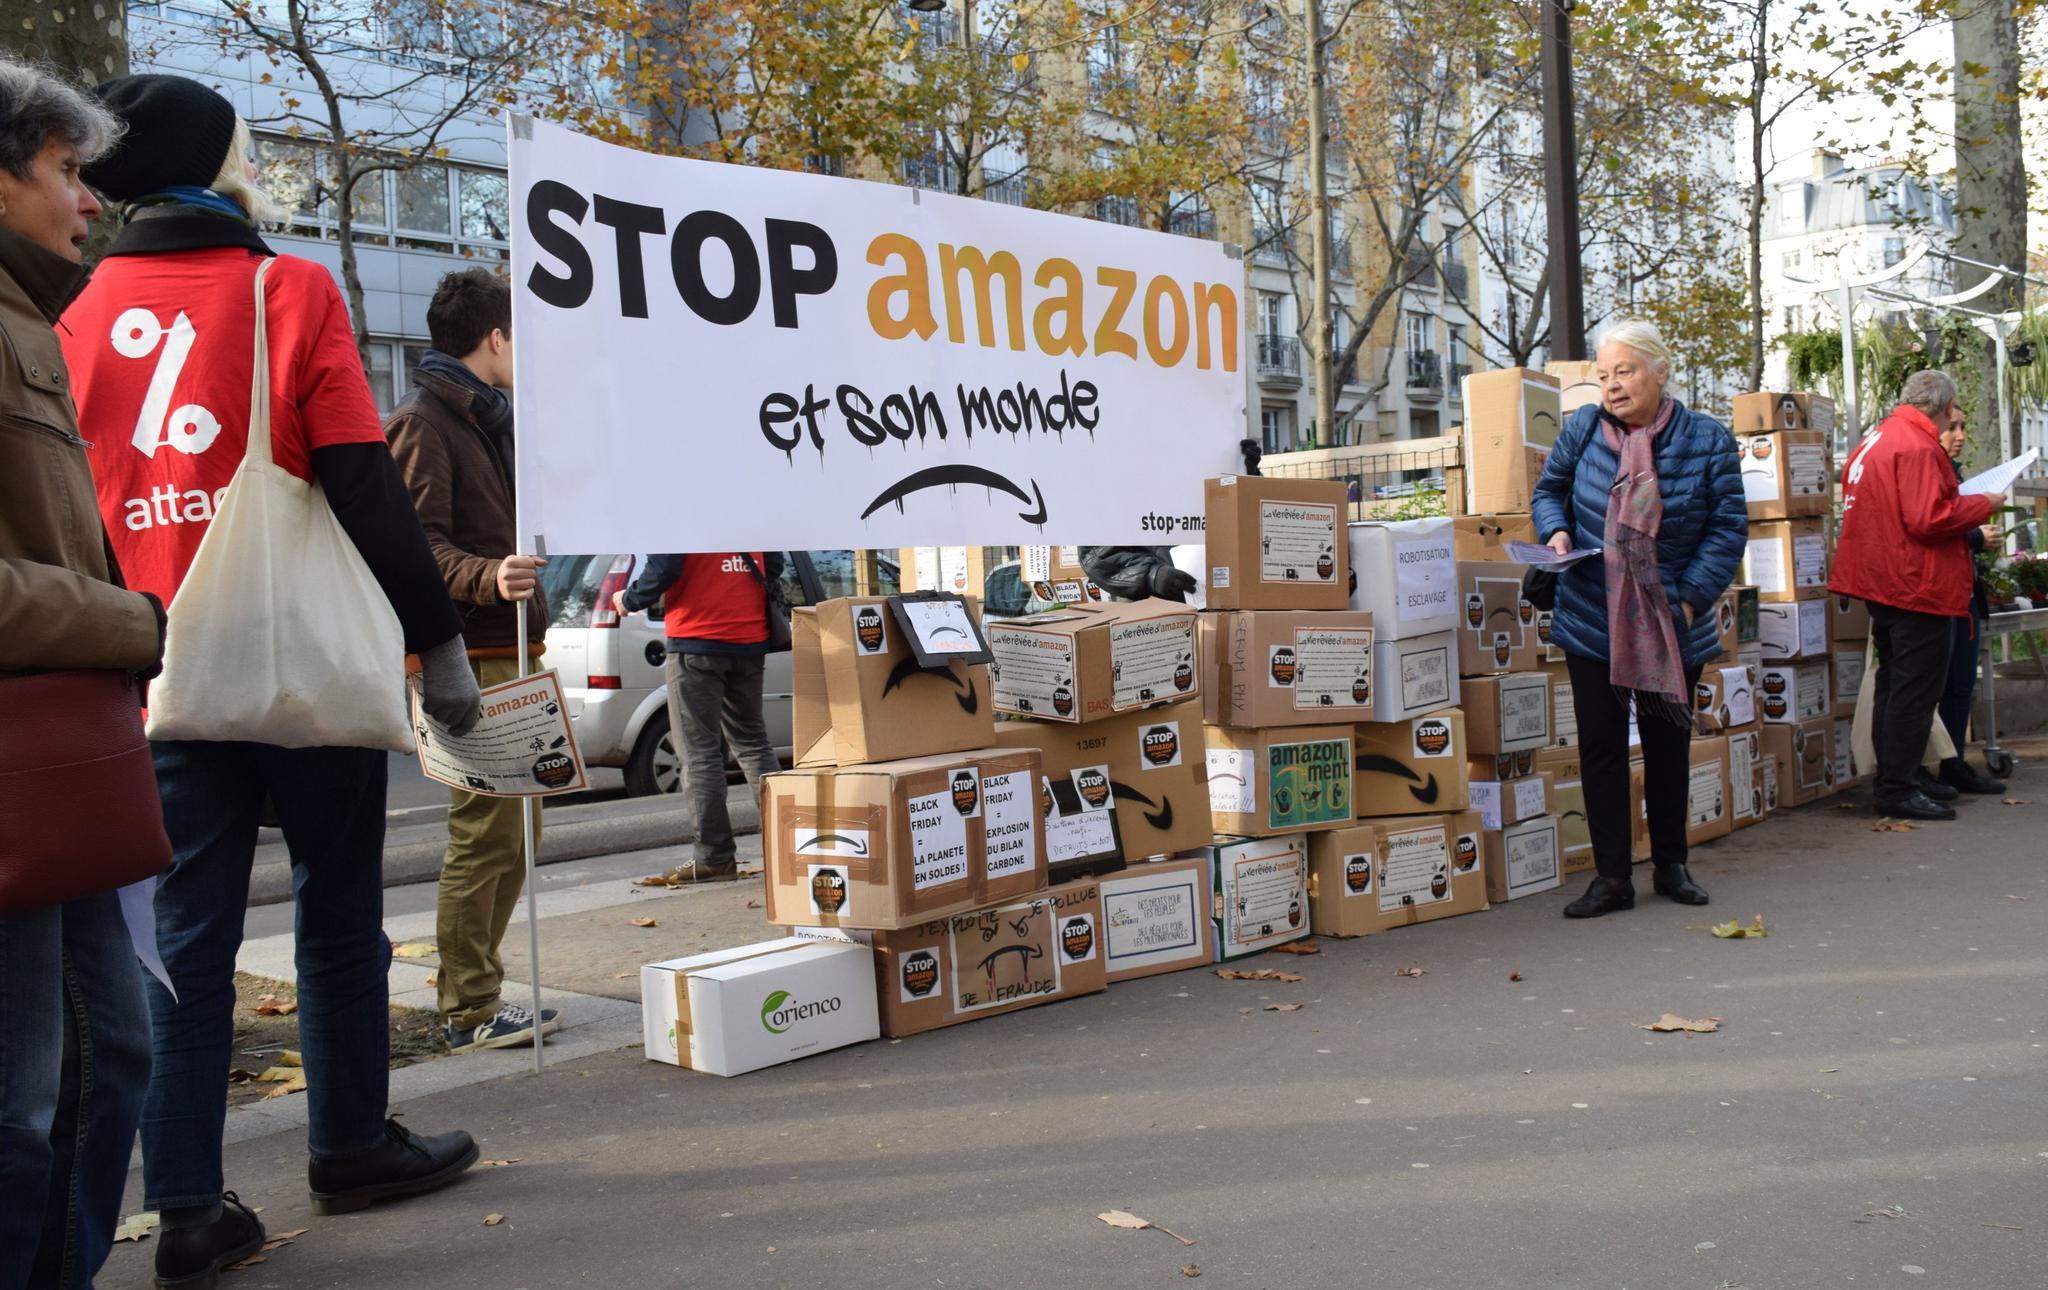 法国抗议者发起的反对亚马逊活动